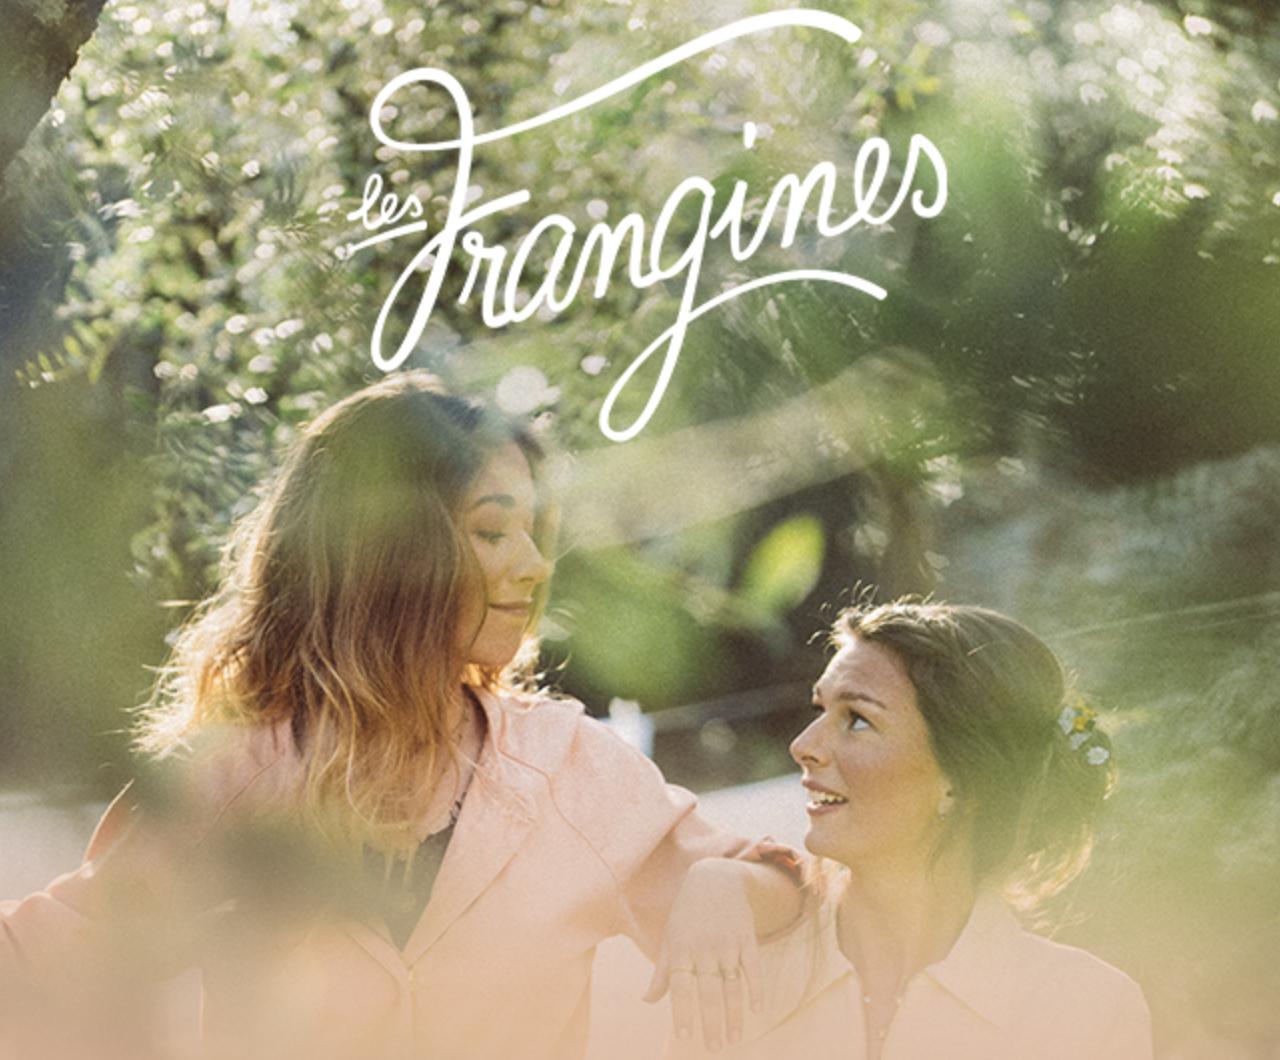 L'ACTU MUSICALE : LES FRANGINES CHANTENT POUR NOTRE-DAME DE PARIS